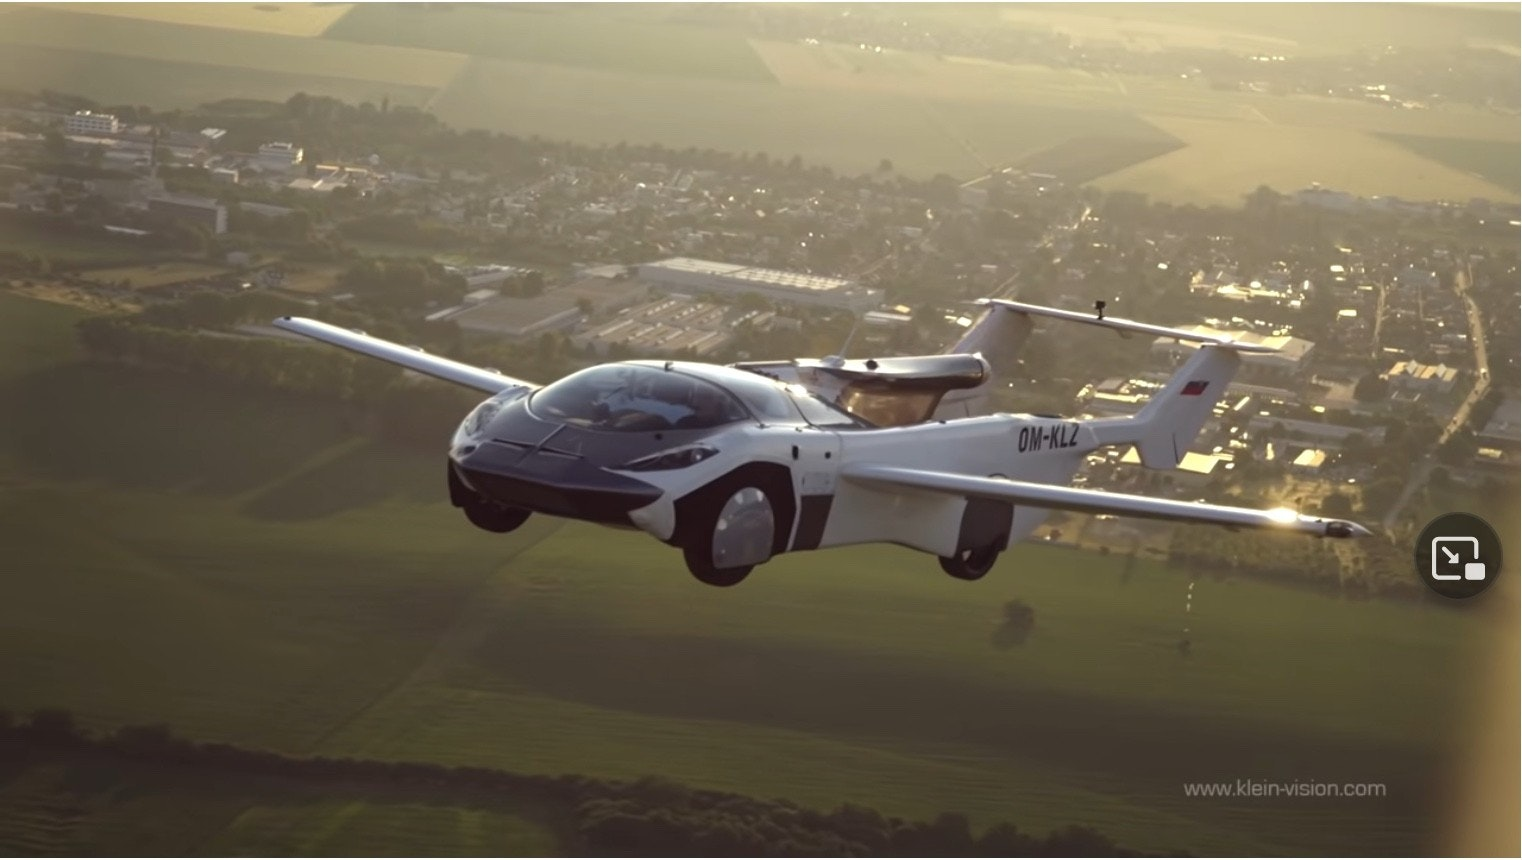 照片中提到了OM-KLZ、www.klein-vision.com,包含了飛行汽車、飛行、汽車、飛行汽車、可上路飛機